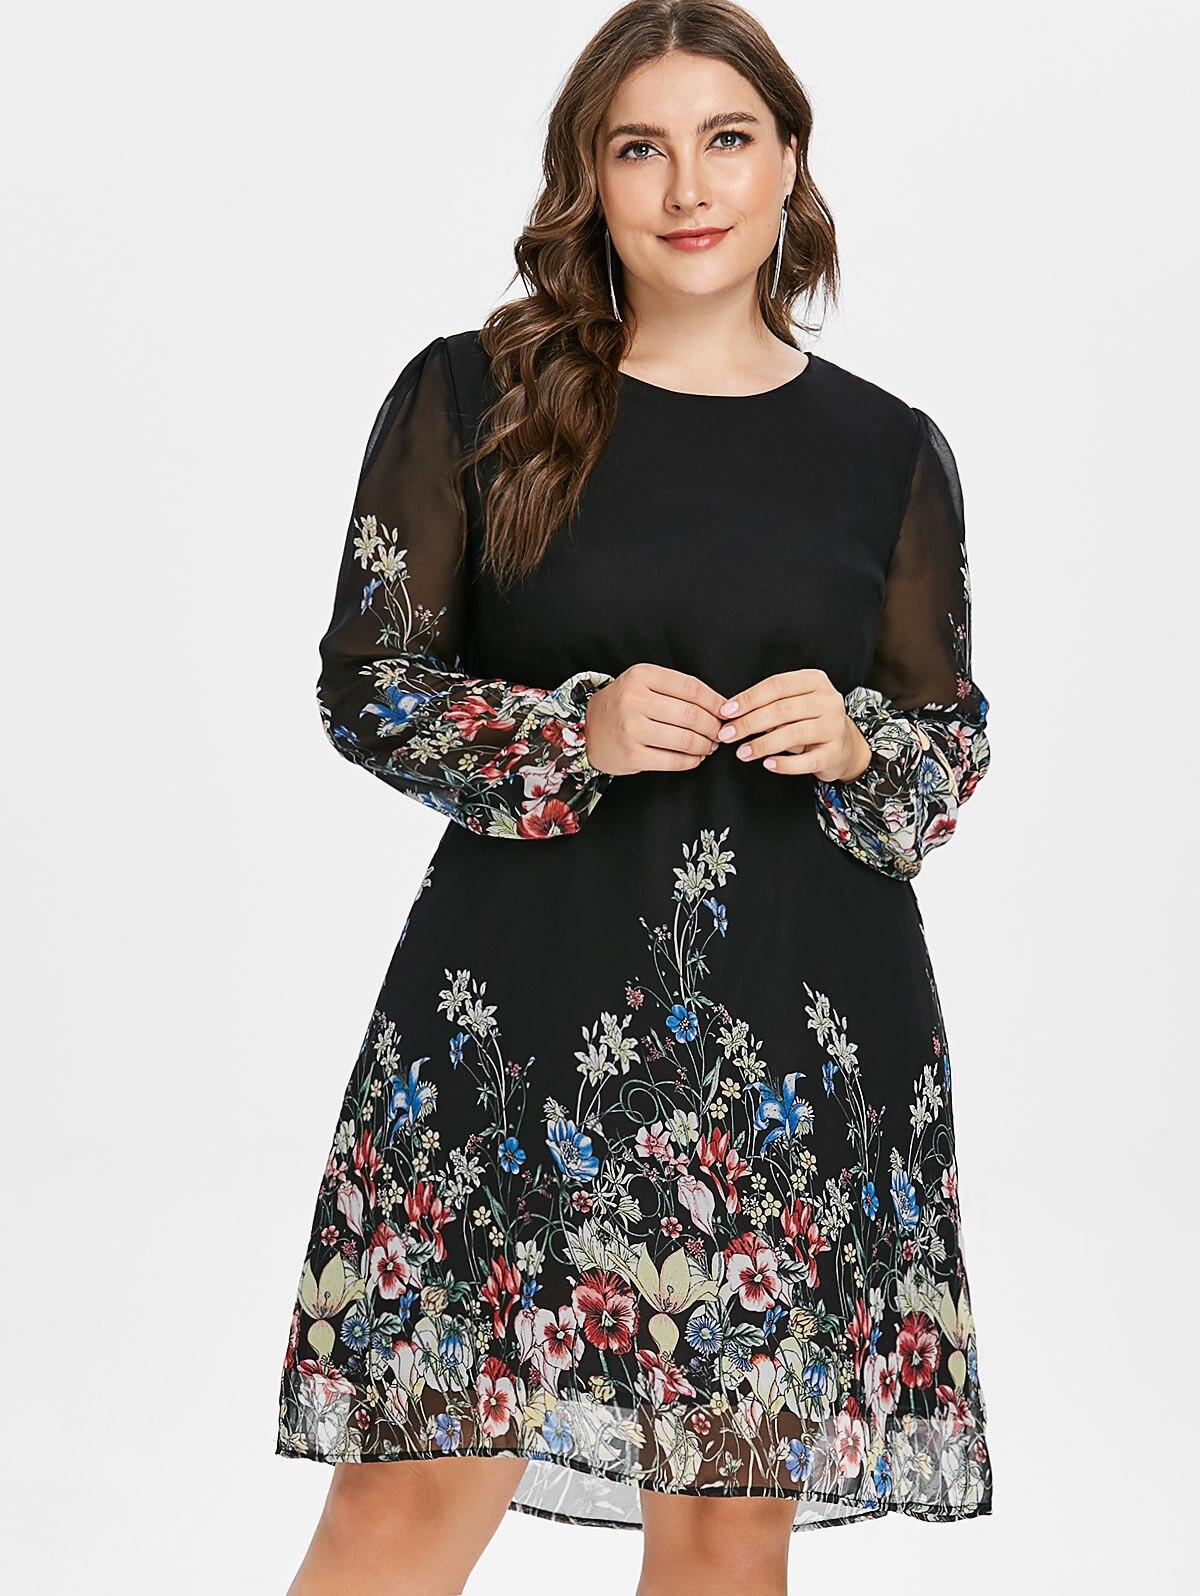 Wipalo grande taille imprimé Floral tunique femmes robe à manches longues automne élégant Tribal fleur imprimer Vocation chemise robe en mousseline de soie 5XL